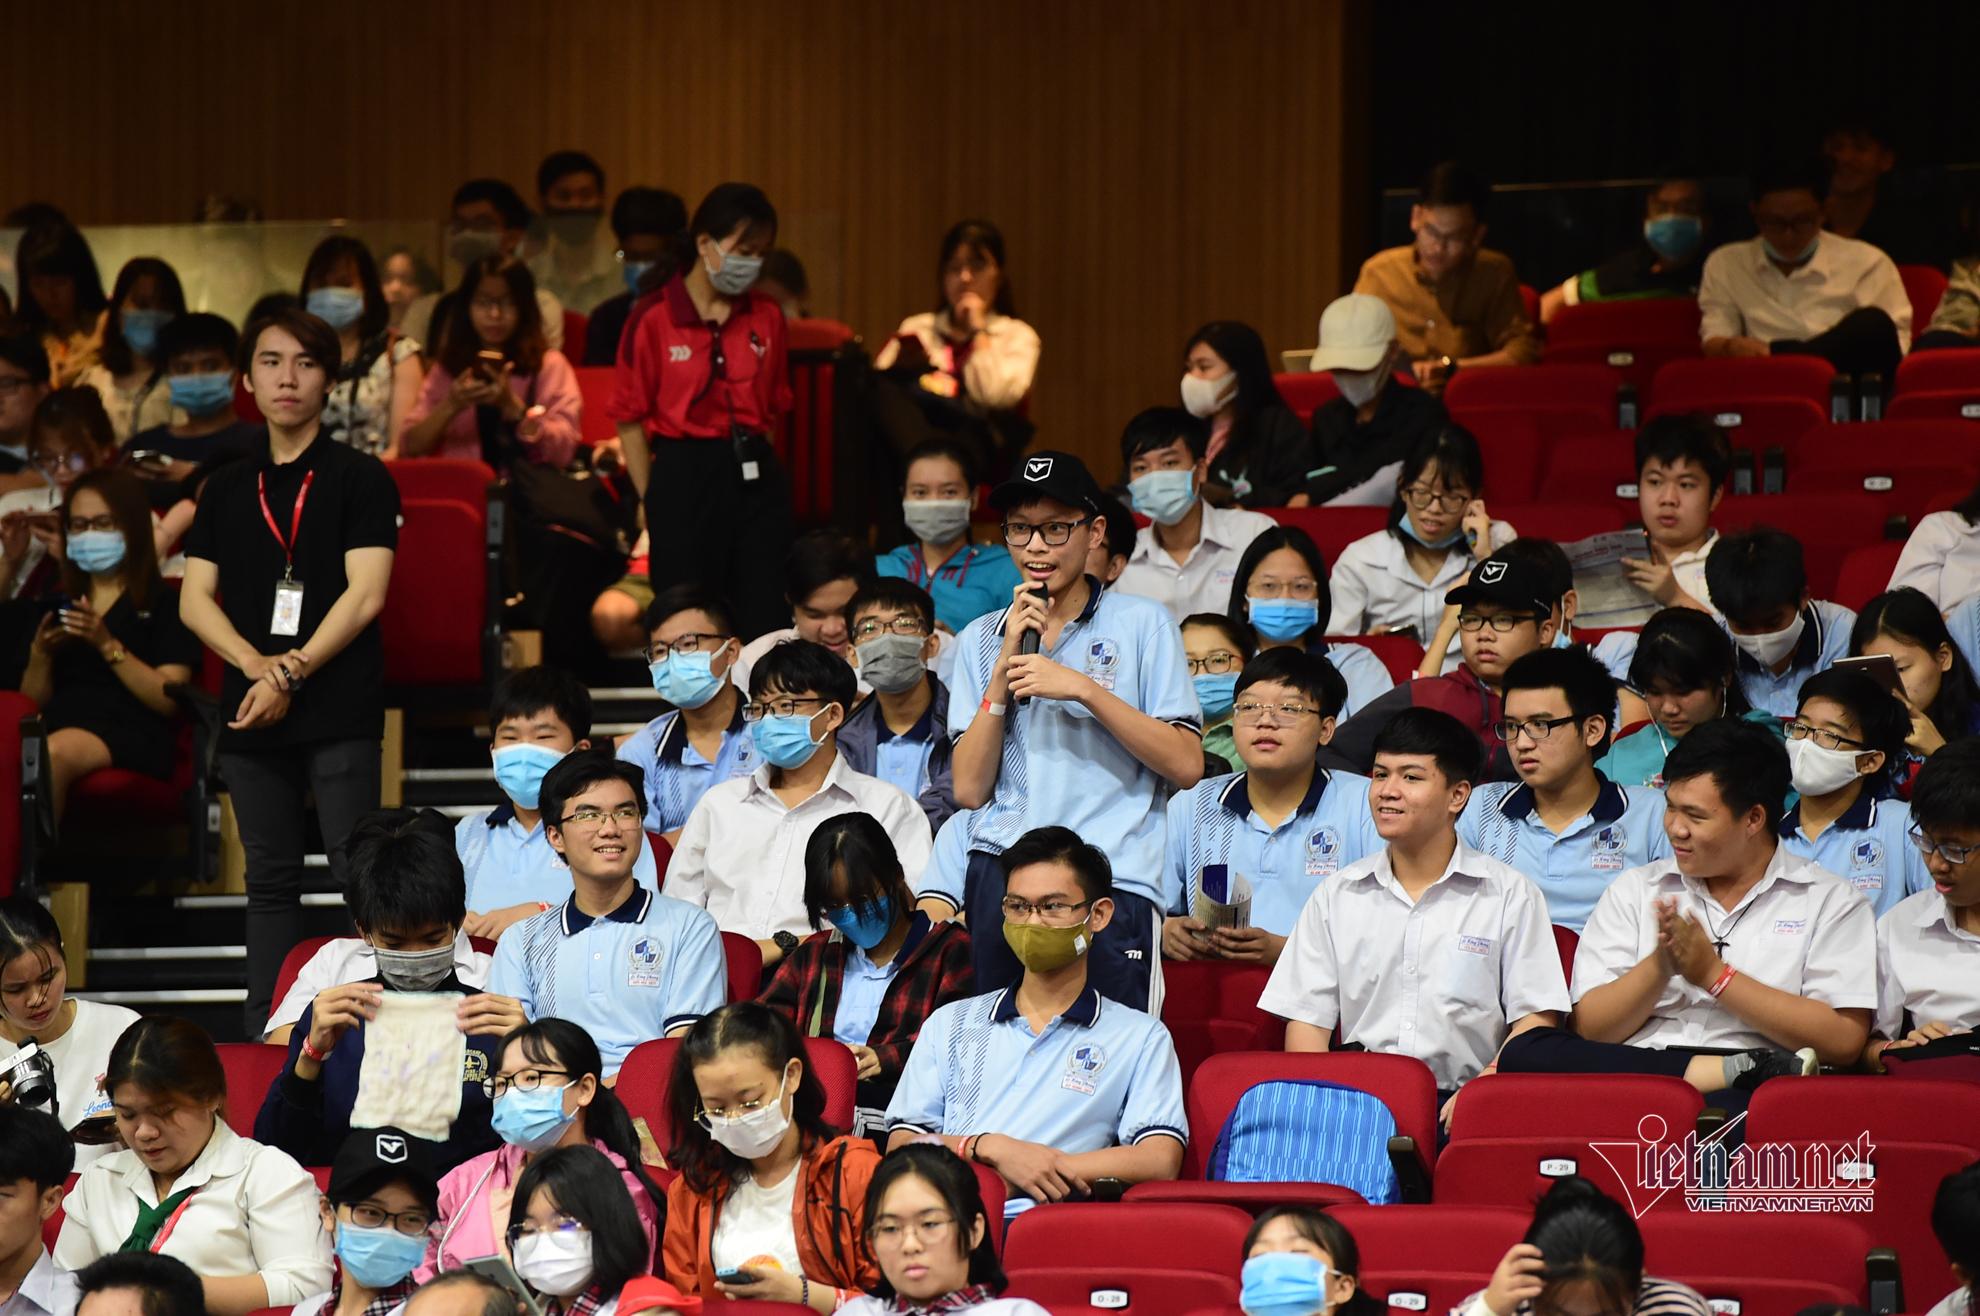 Gần 3.000 học sinh, sinh viên tham gia Ngày hội Toán học tại TP.HCM